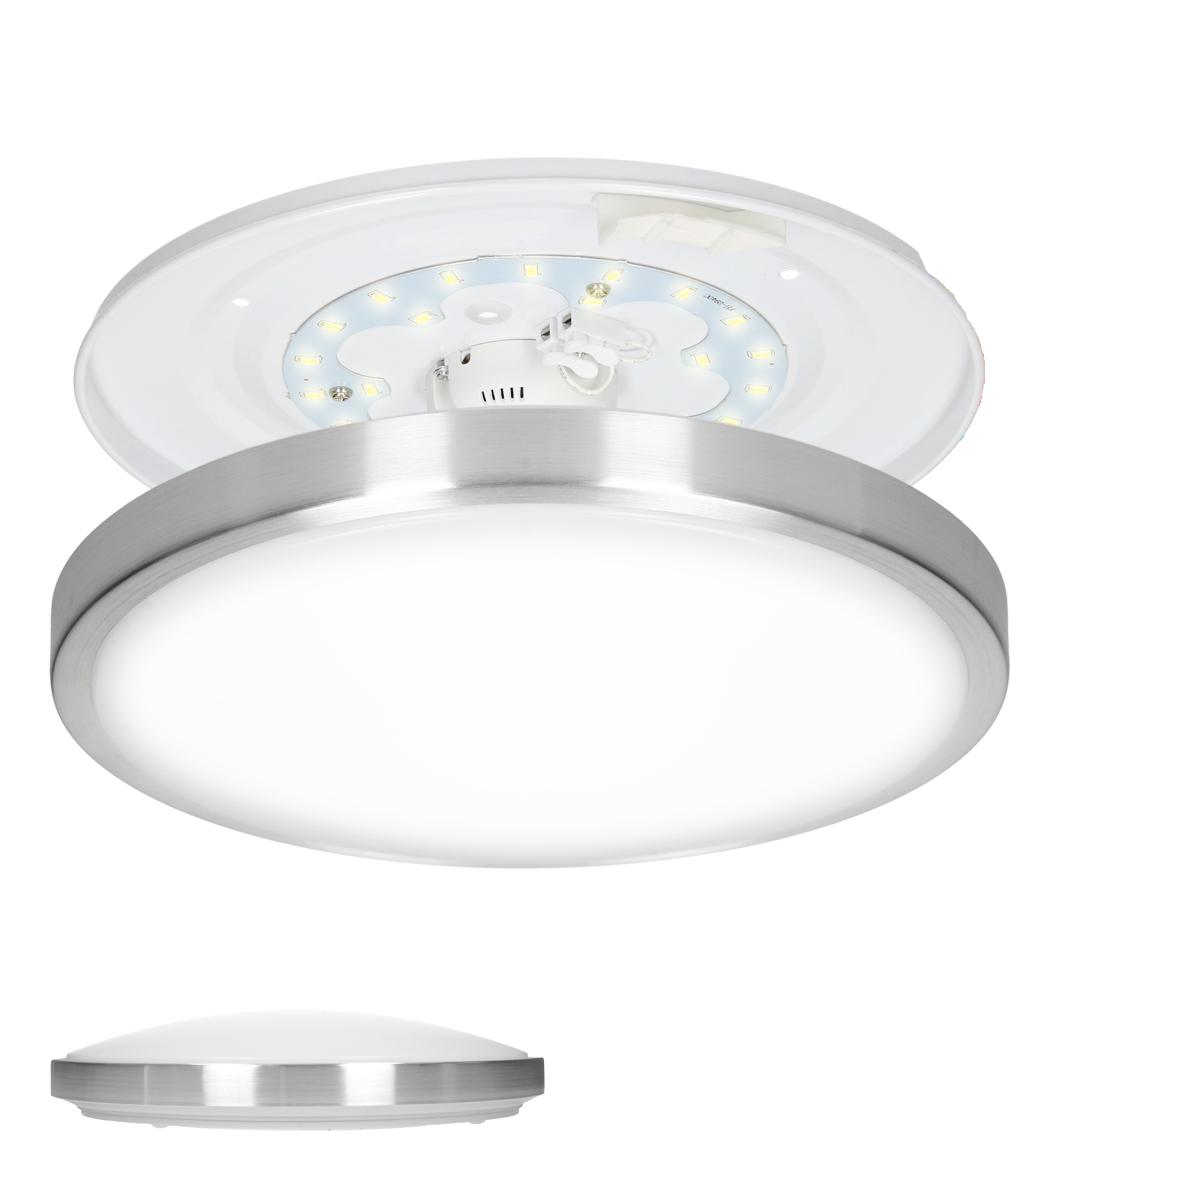 Led deckenleuchte lampe deckenlampe aufbaulampe 30cm 12w for Led deckenlampe eckig